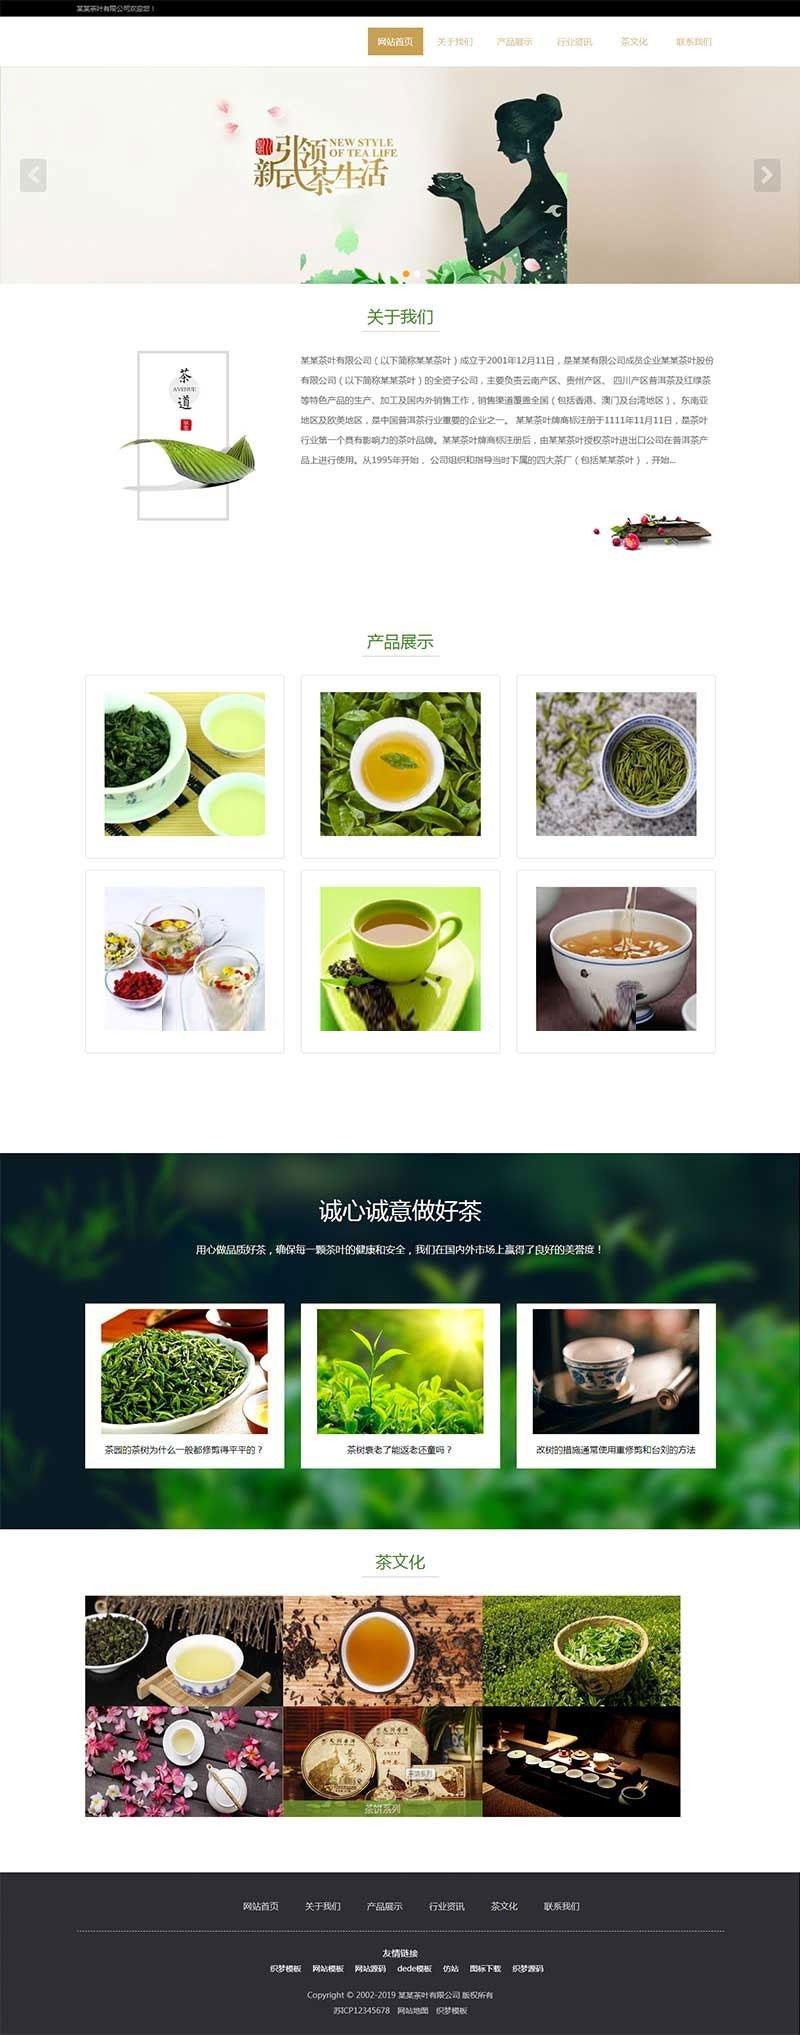 织梦dedecms模板 自响应式茶叶茶艺茶文化企业网站模板(自适应手机移动端)